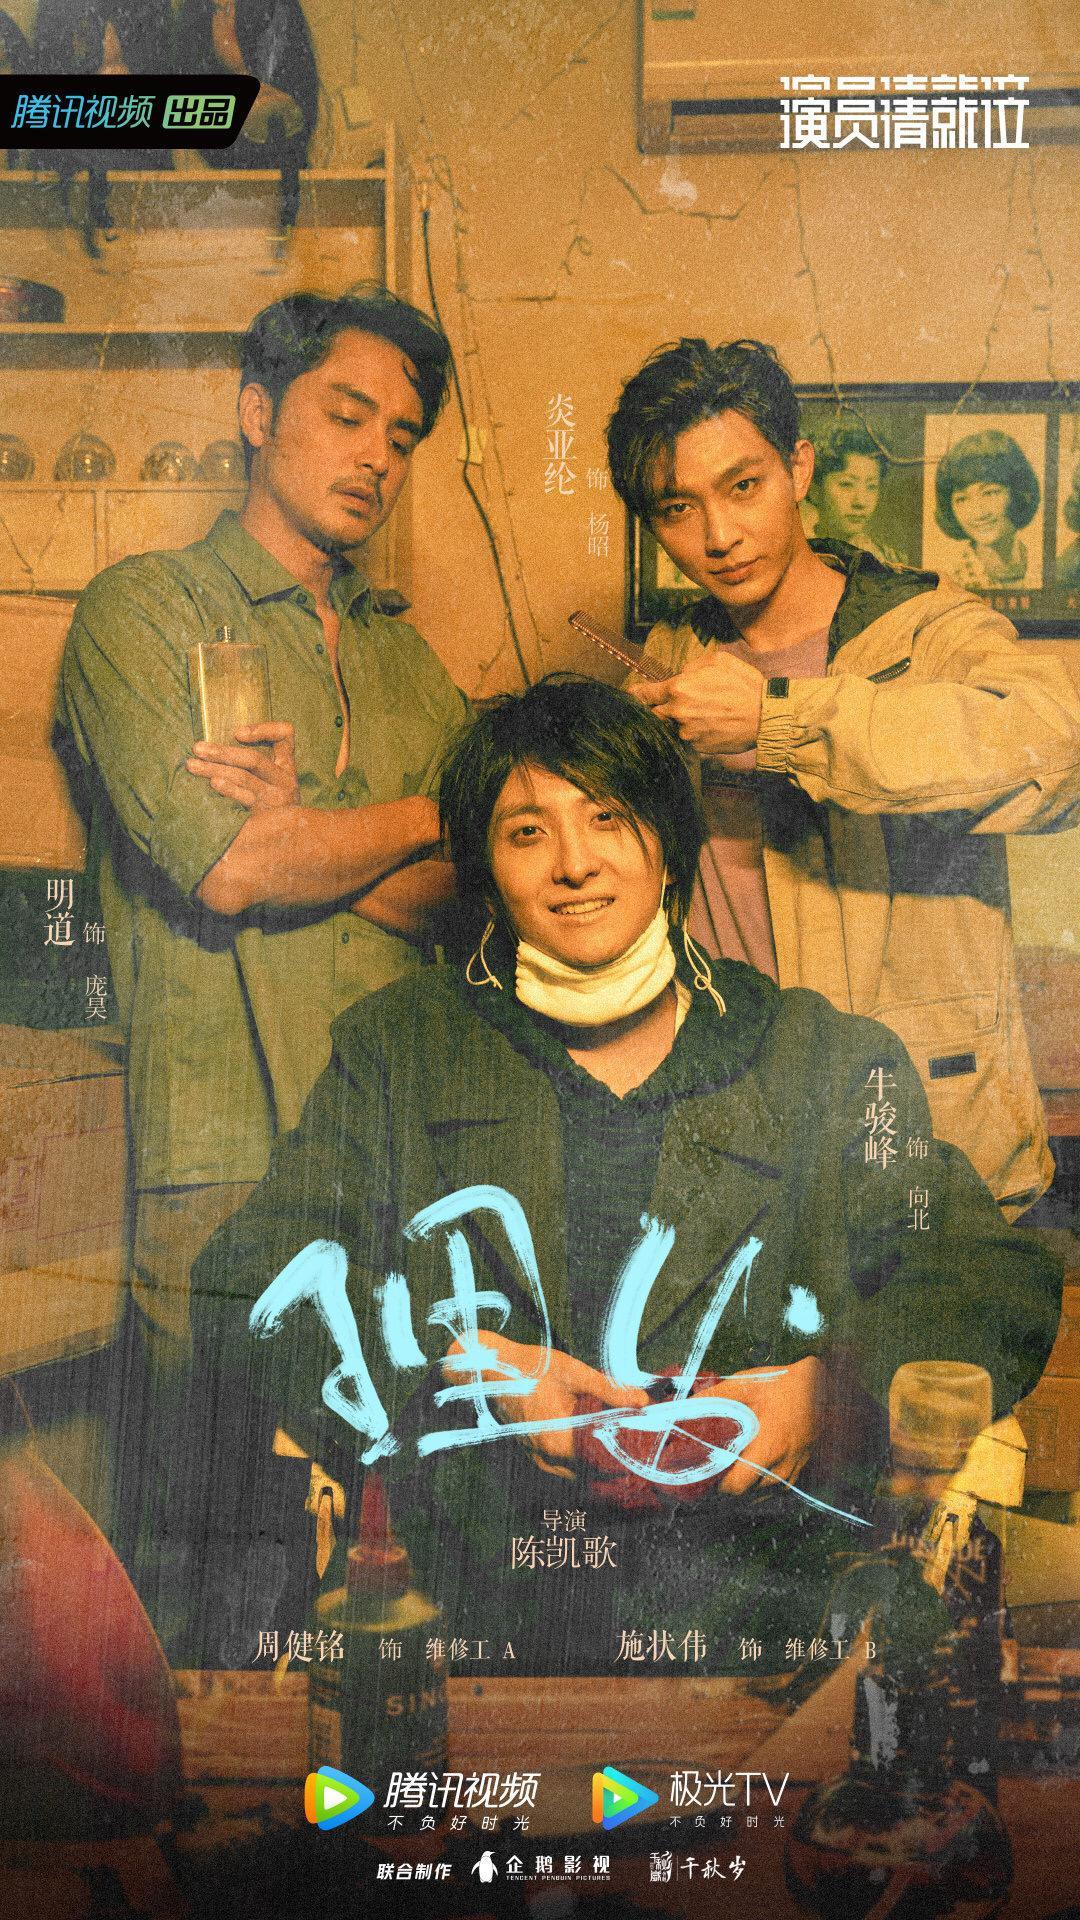 http://www.bjgjt.com/qichexiaofei/96746.html